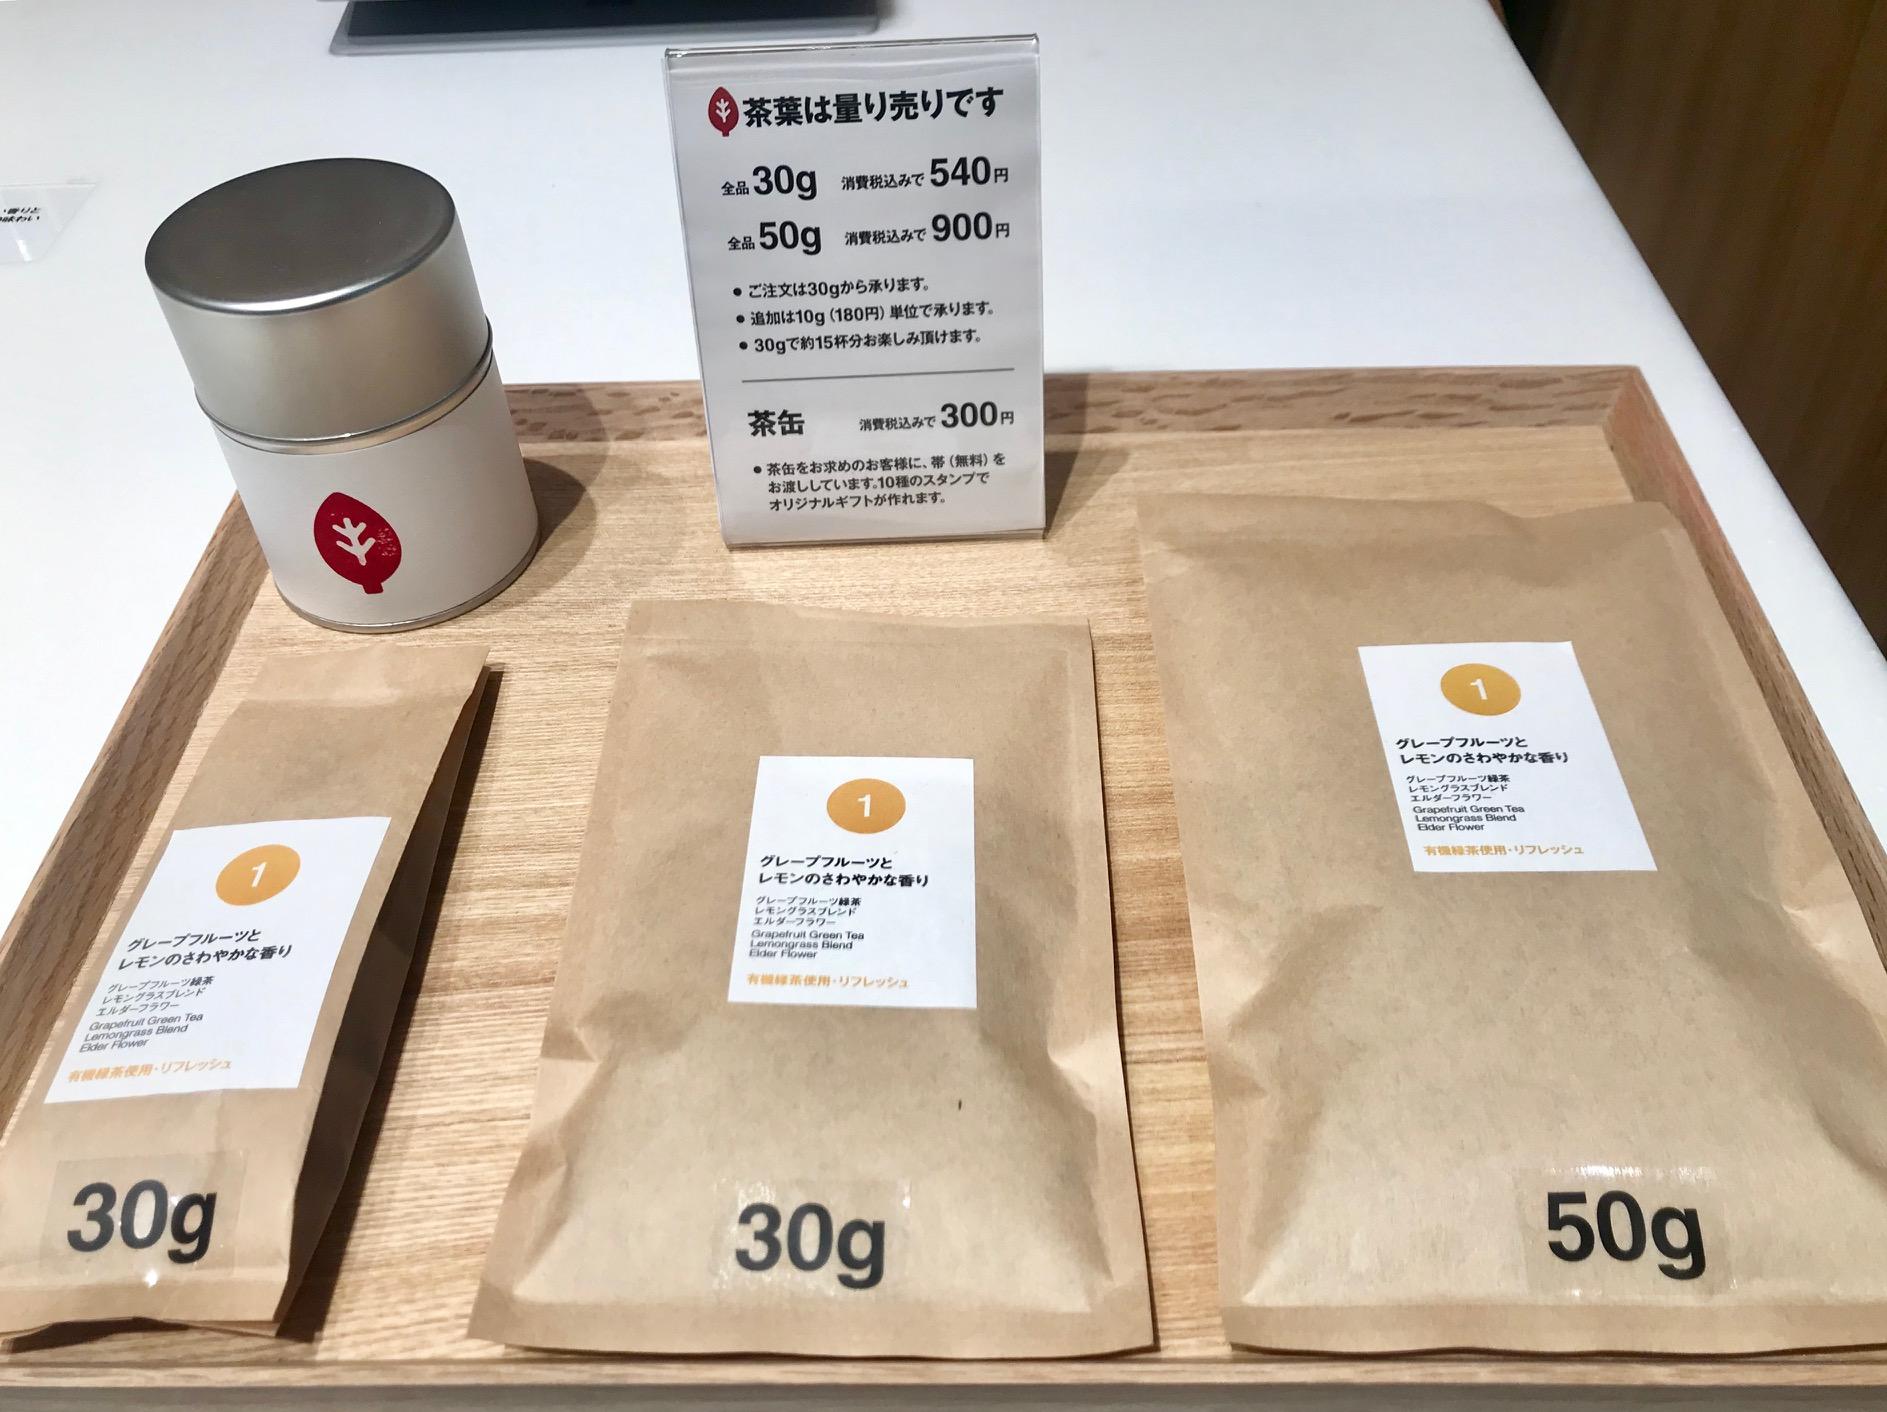 『無印良品』自慢のお茶が32種類も集結!! 「ブレンドティー工房」でお気に入りの一杯を見つけよう♡_4